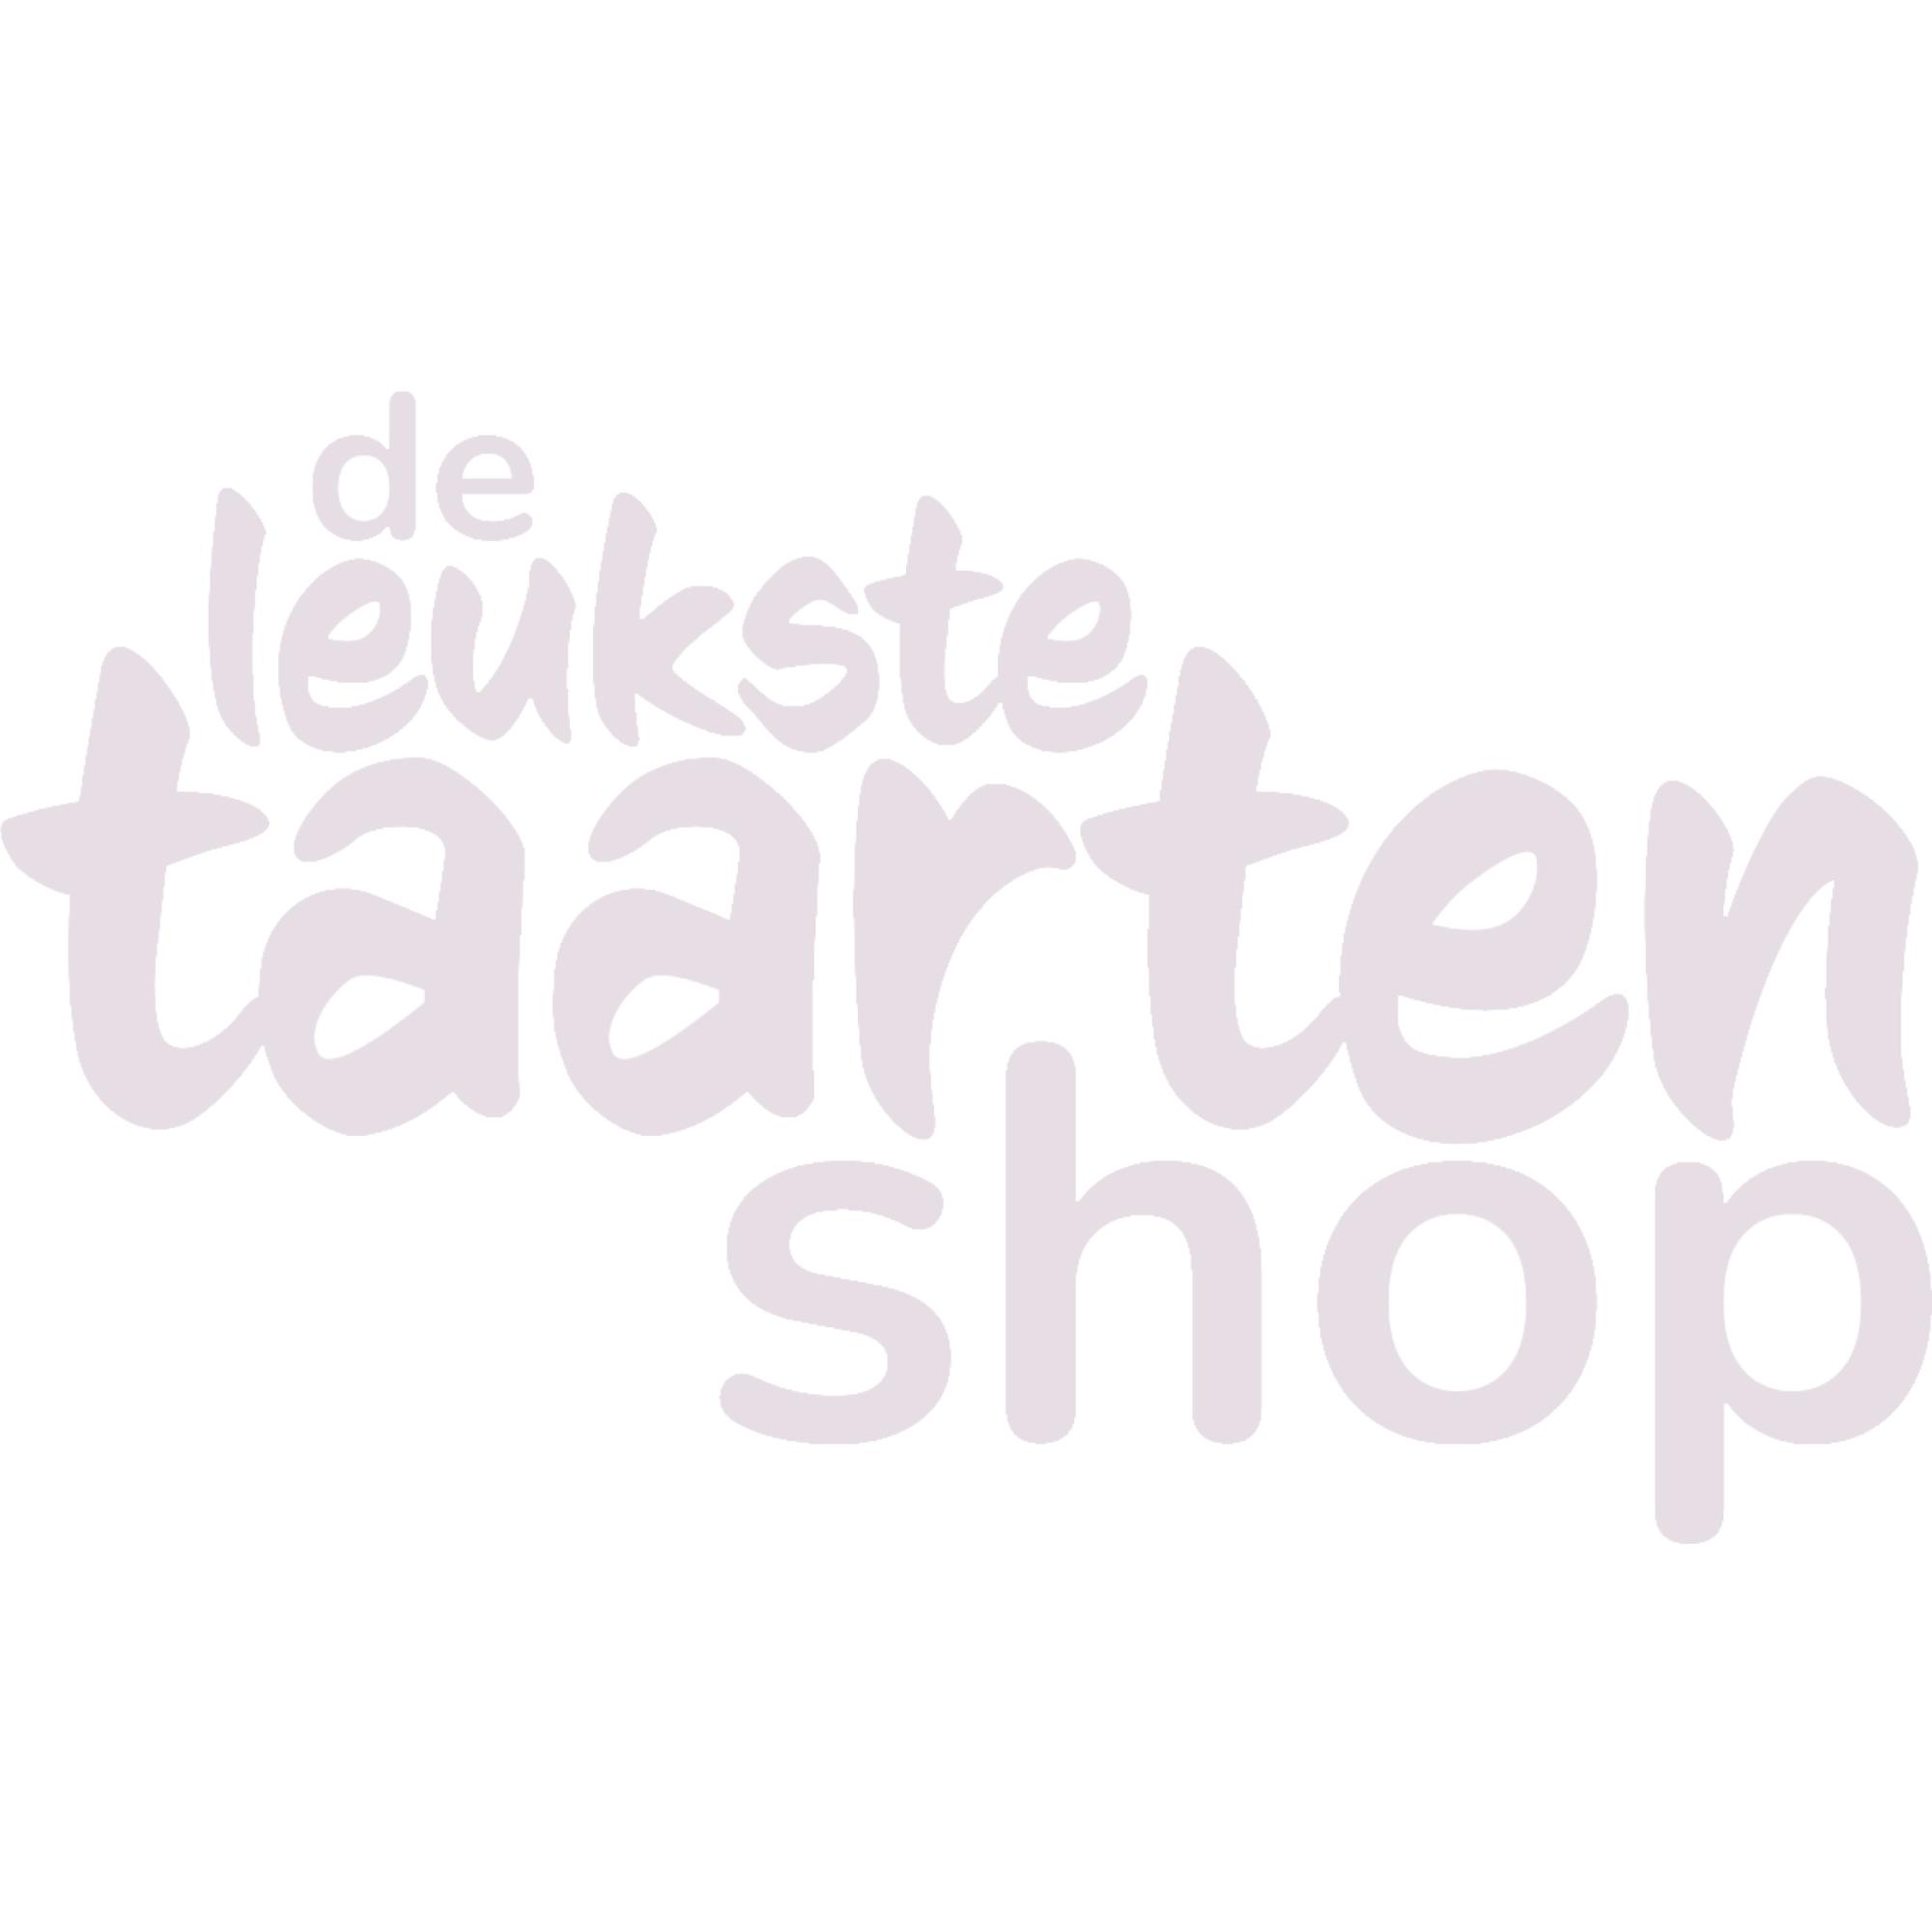 Populair Recept: Recept voor Verjaardagstaart 80jaar | Deleukstetaartenshop.nl WY-24